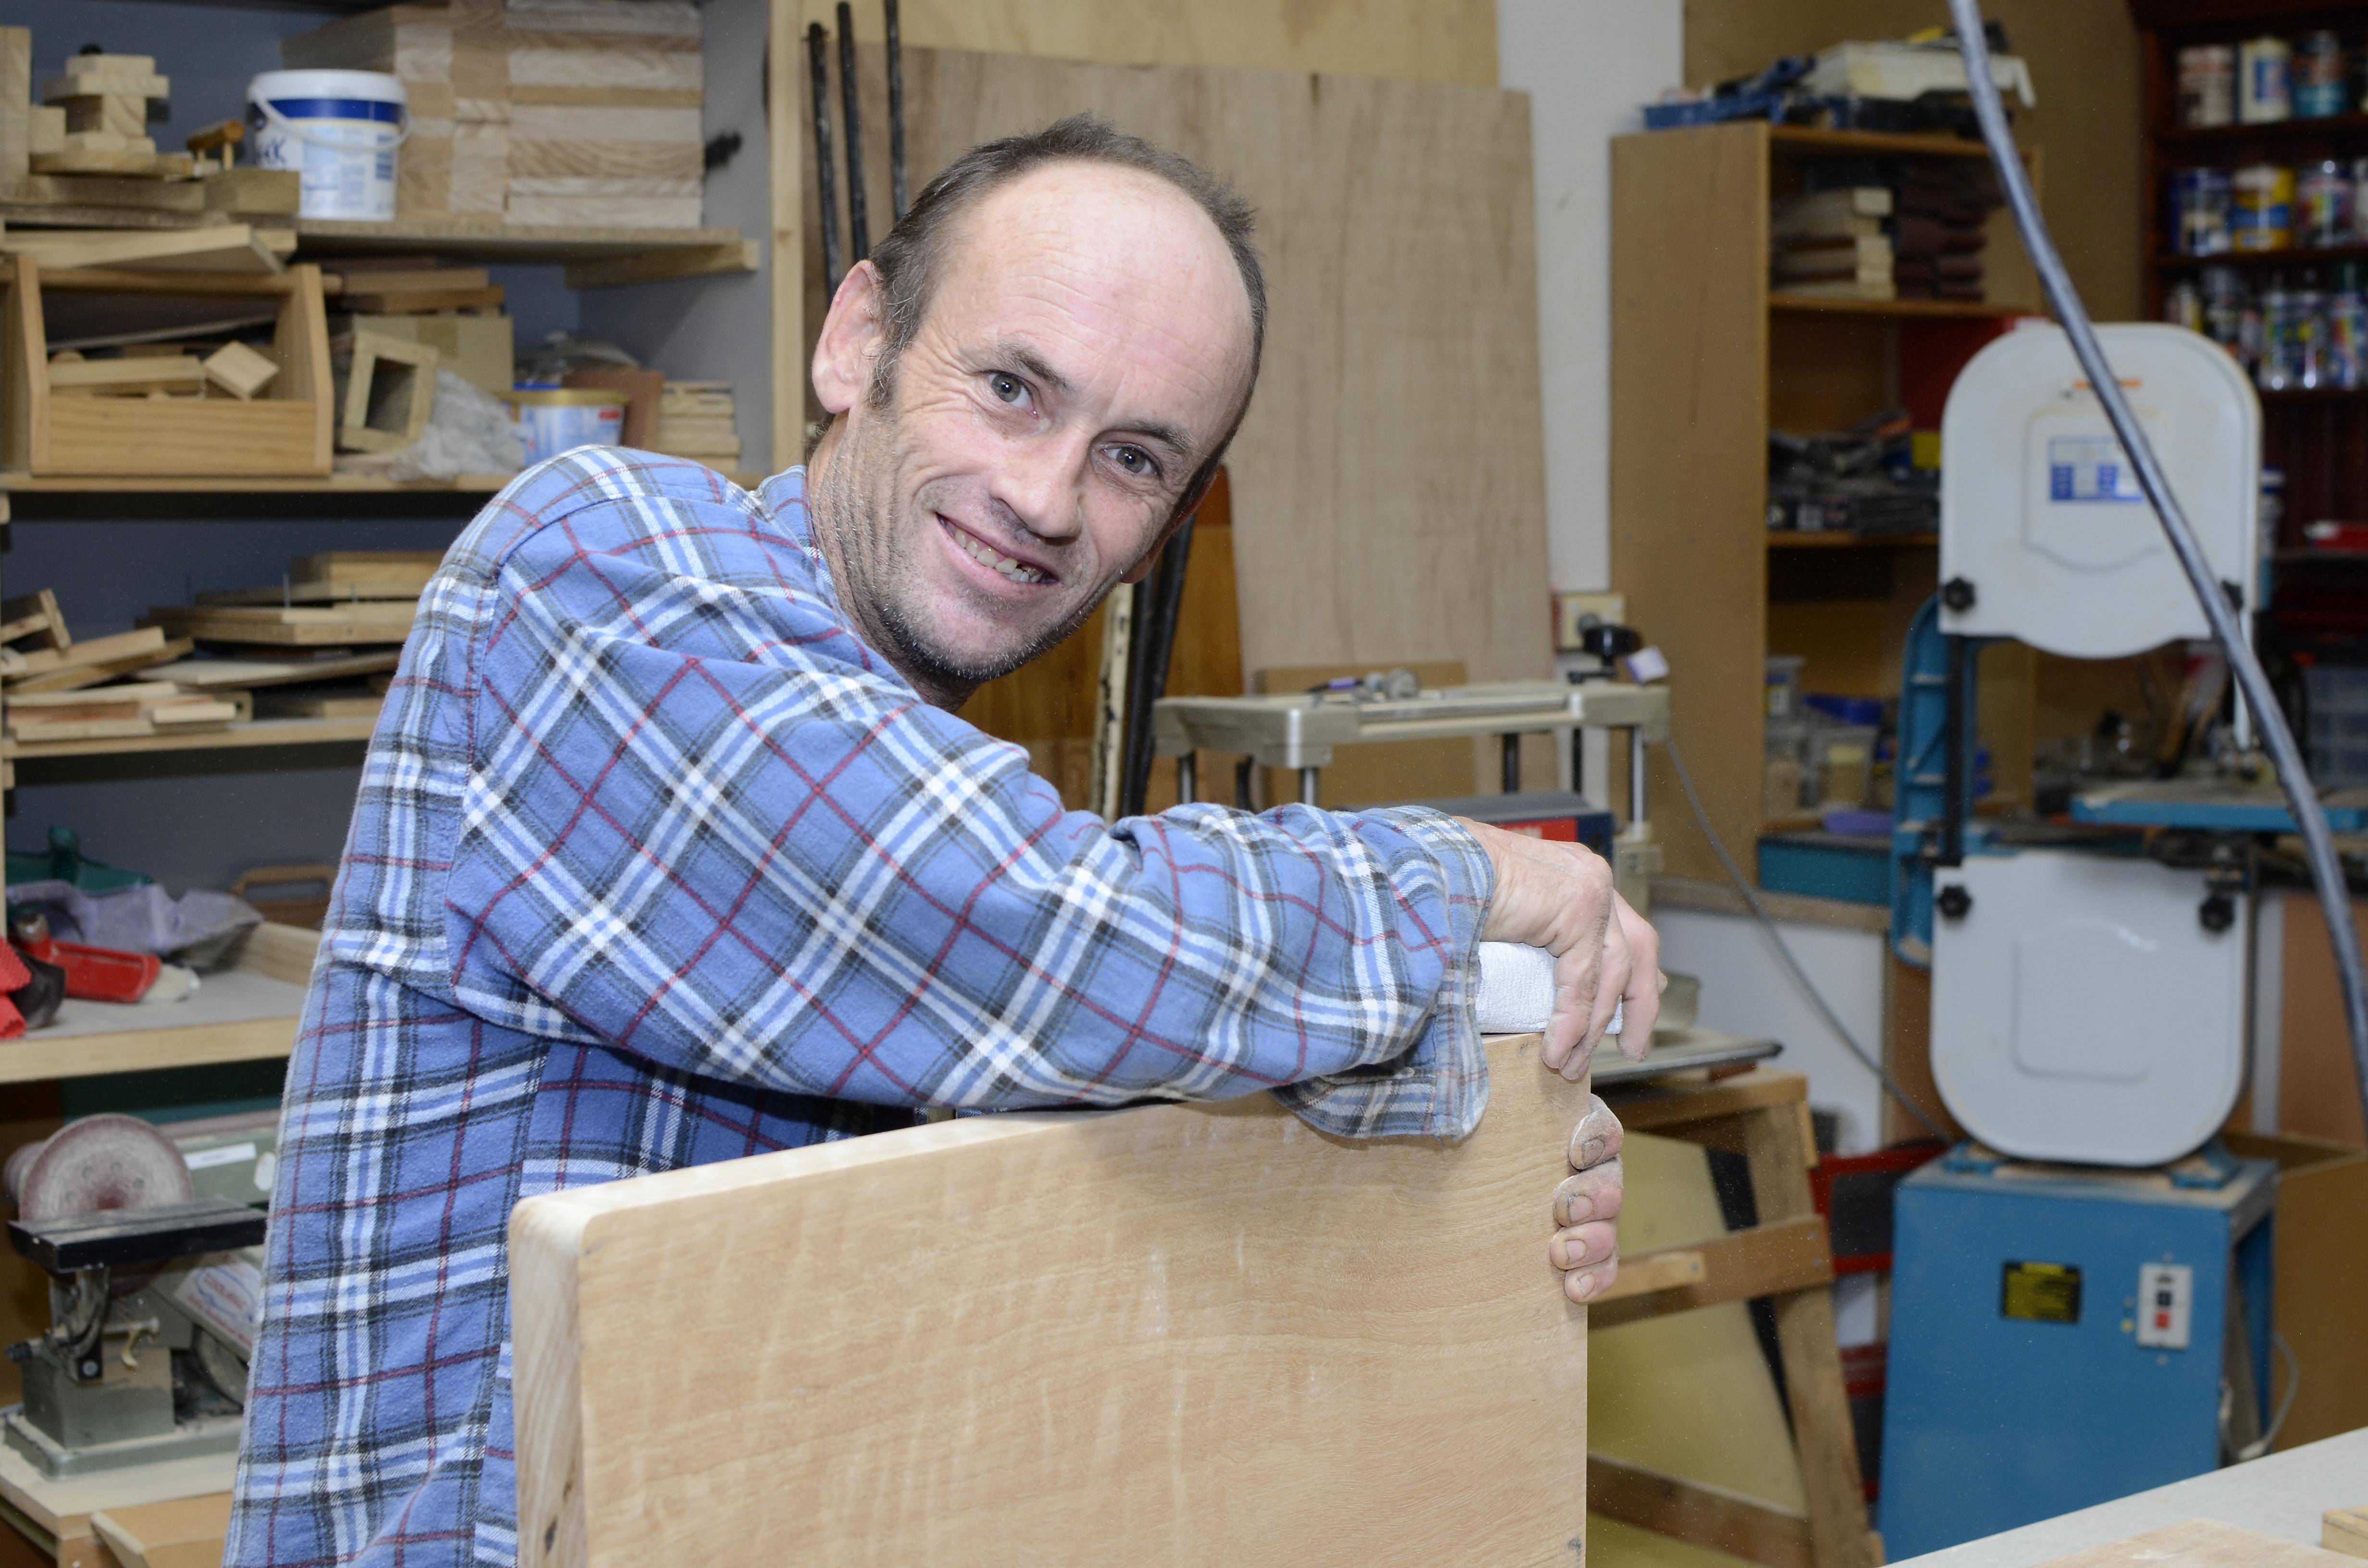 Brad a keen woodworker